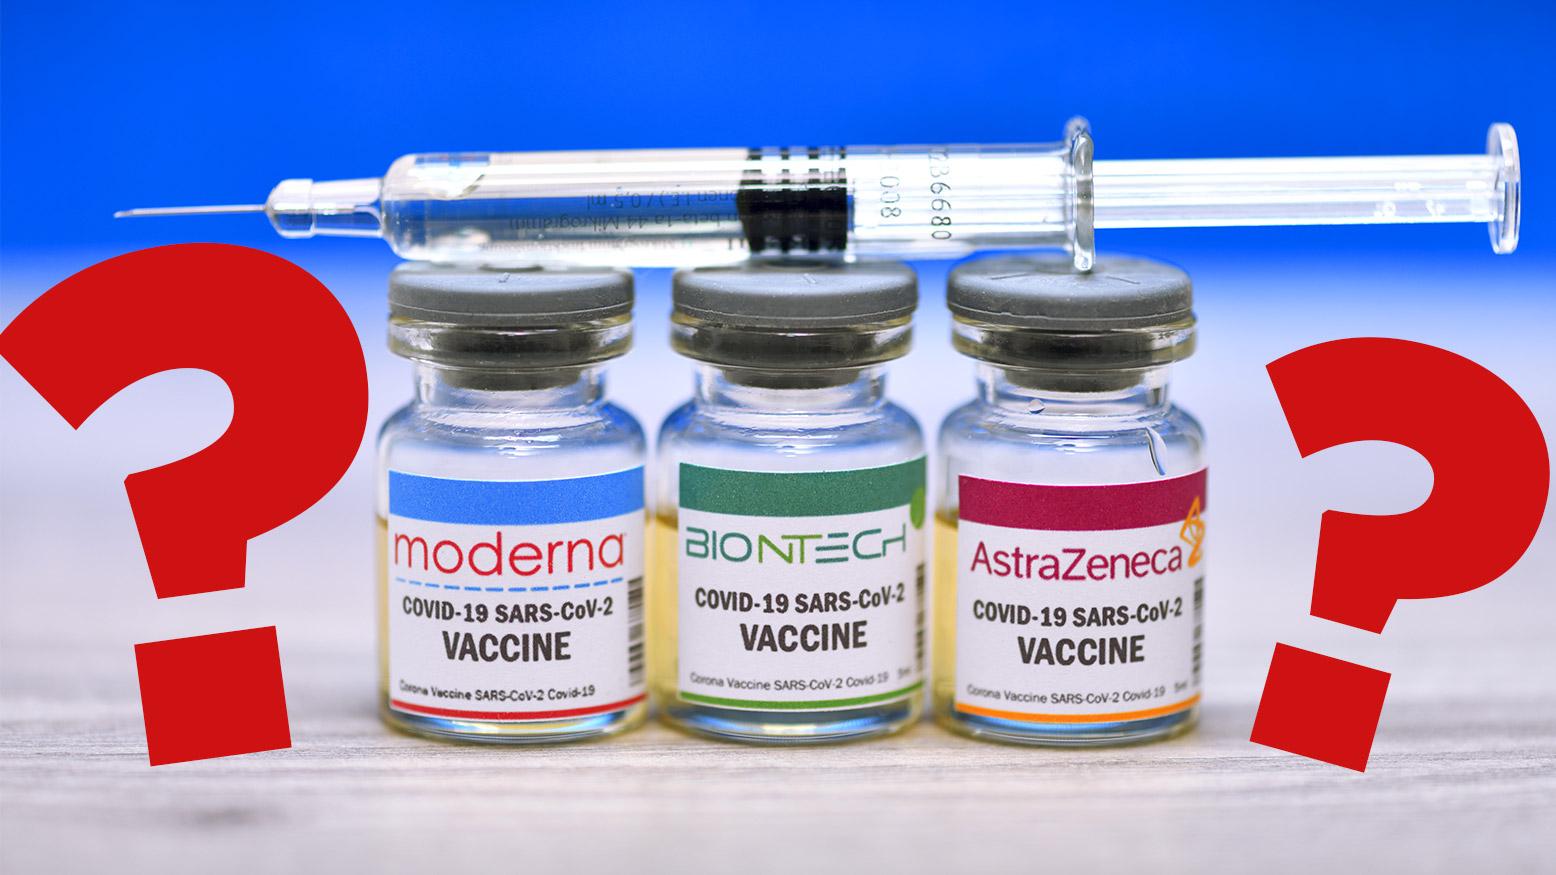 Pers-nlichkeits-Test-Welche-Impfung-sollten-Sie-nehmen-